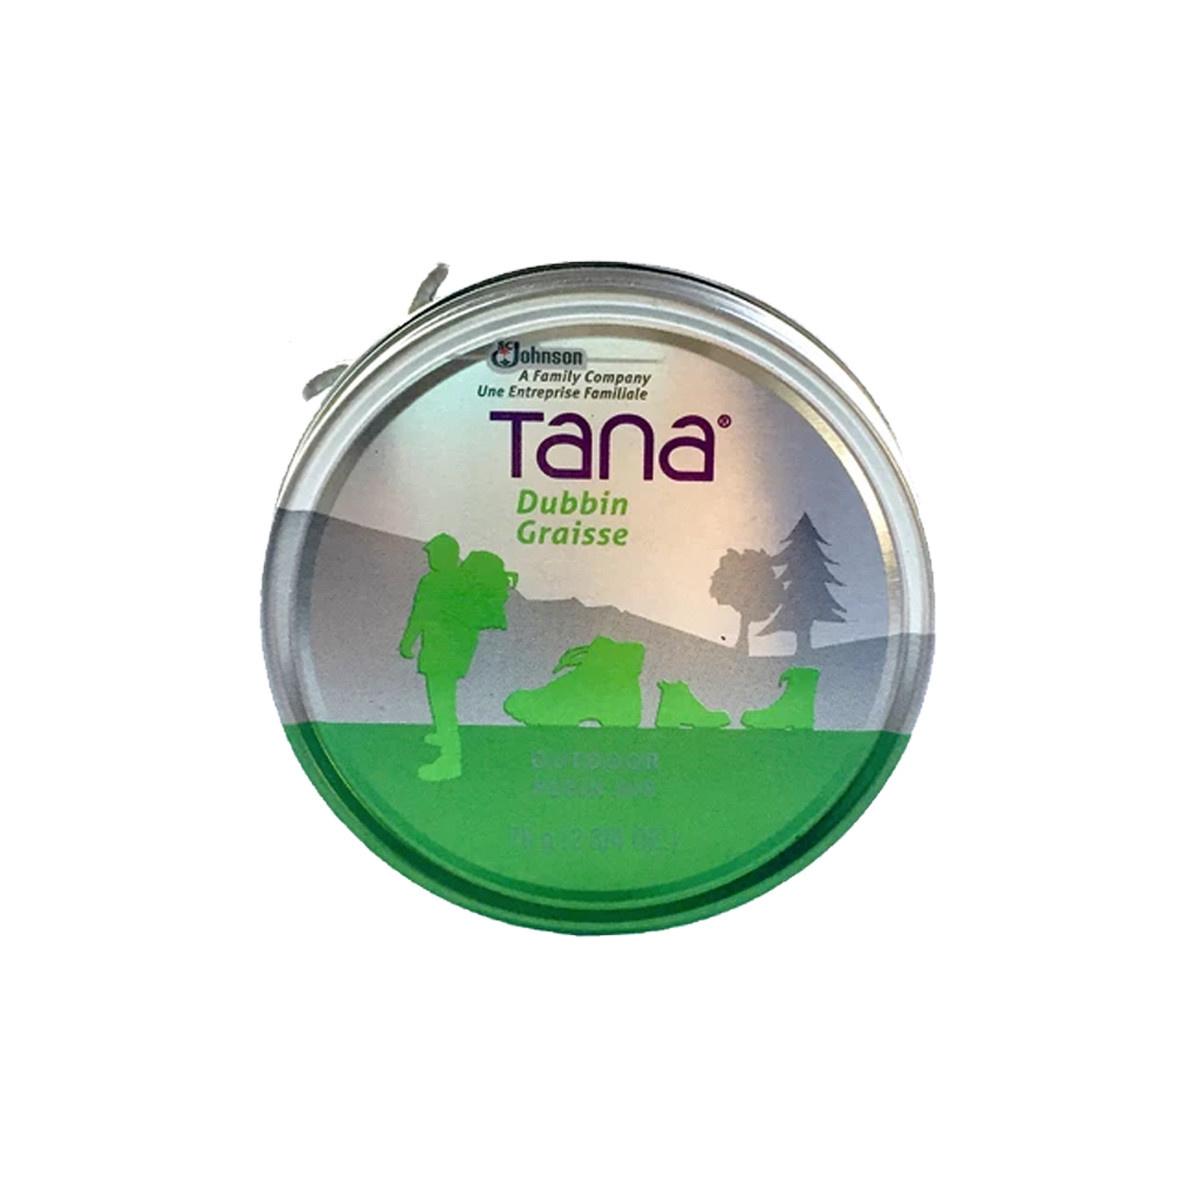 Tana Dubbin